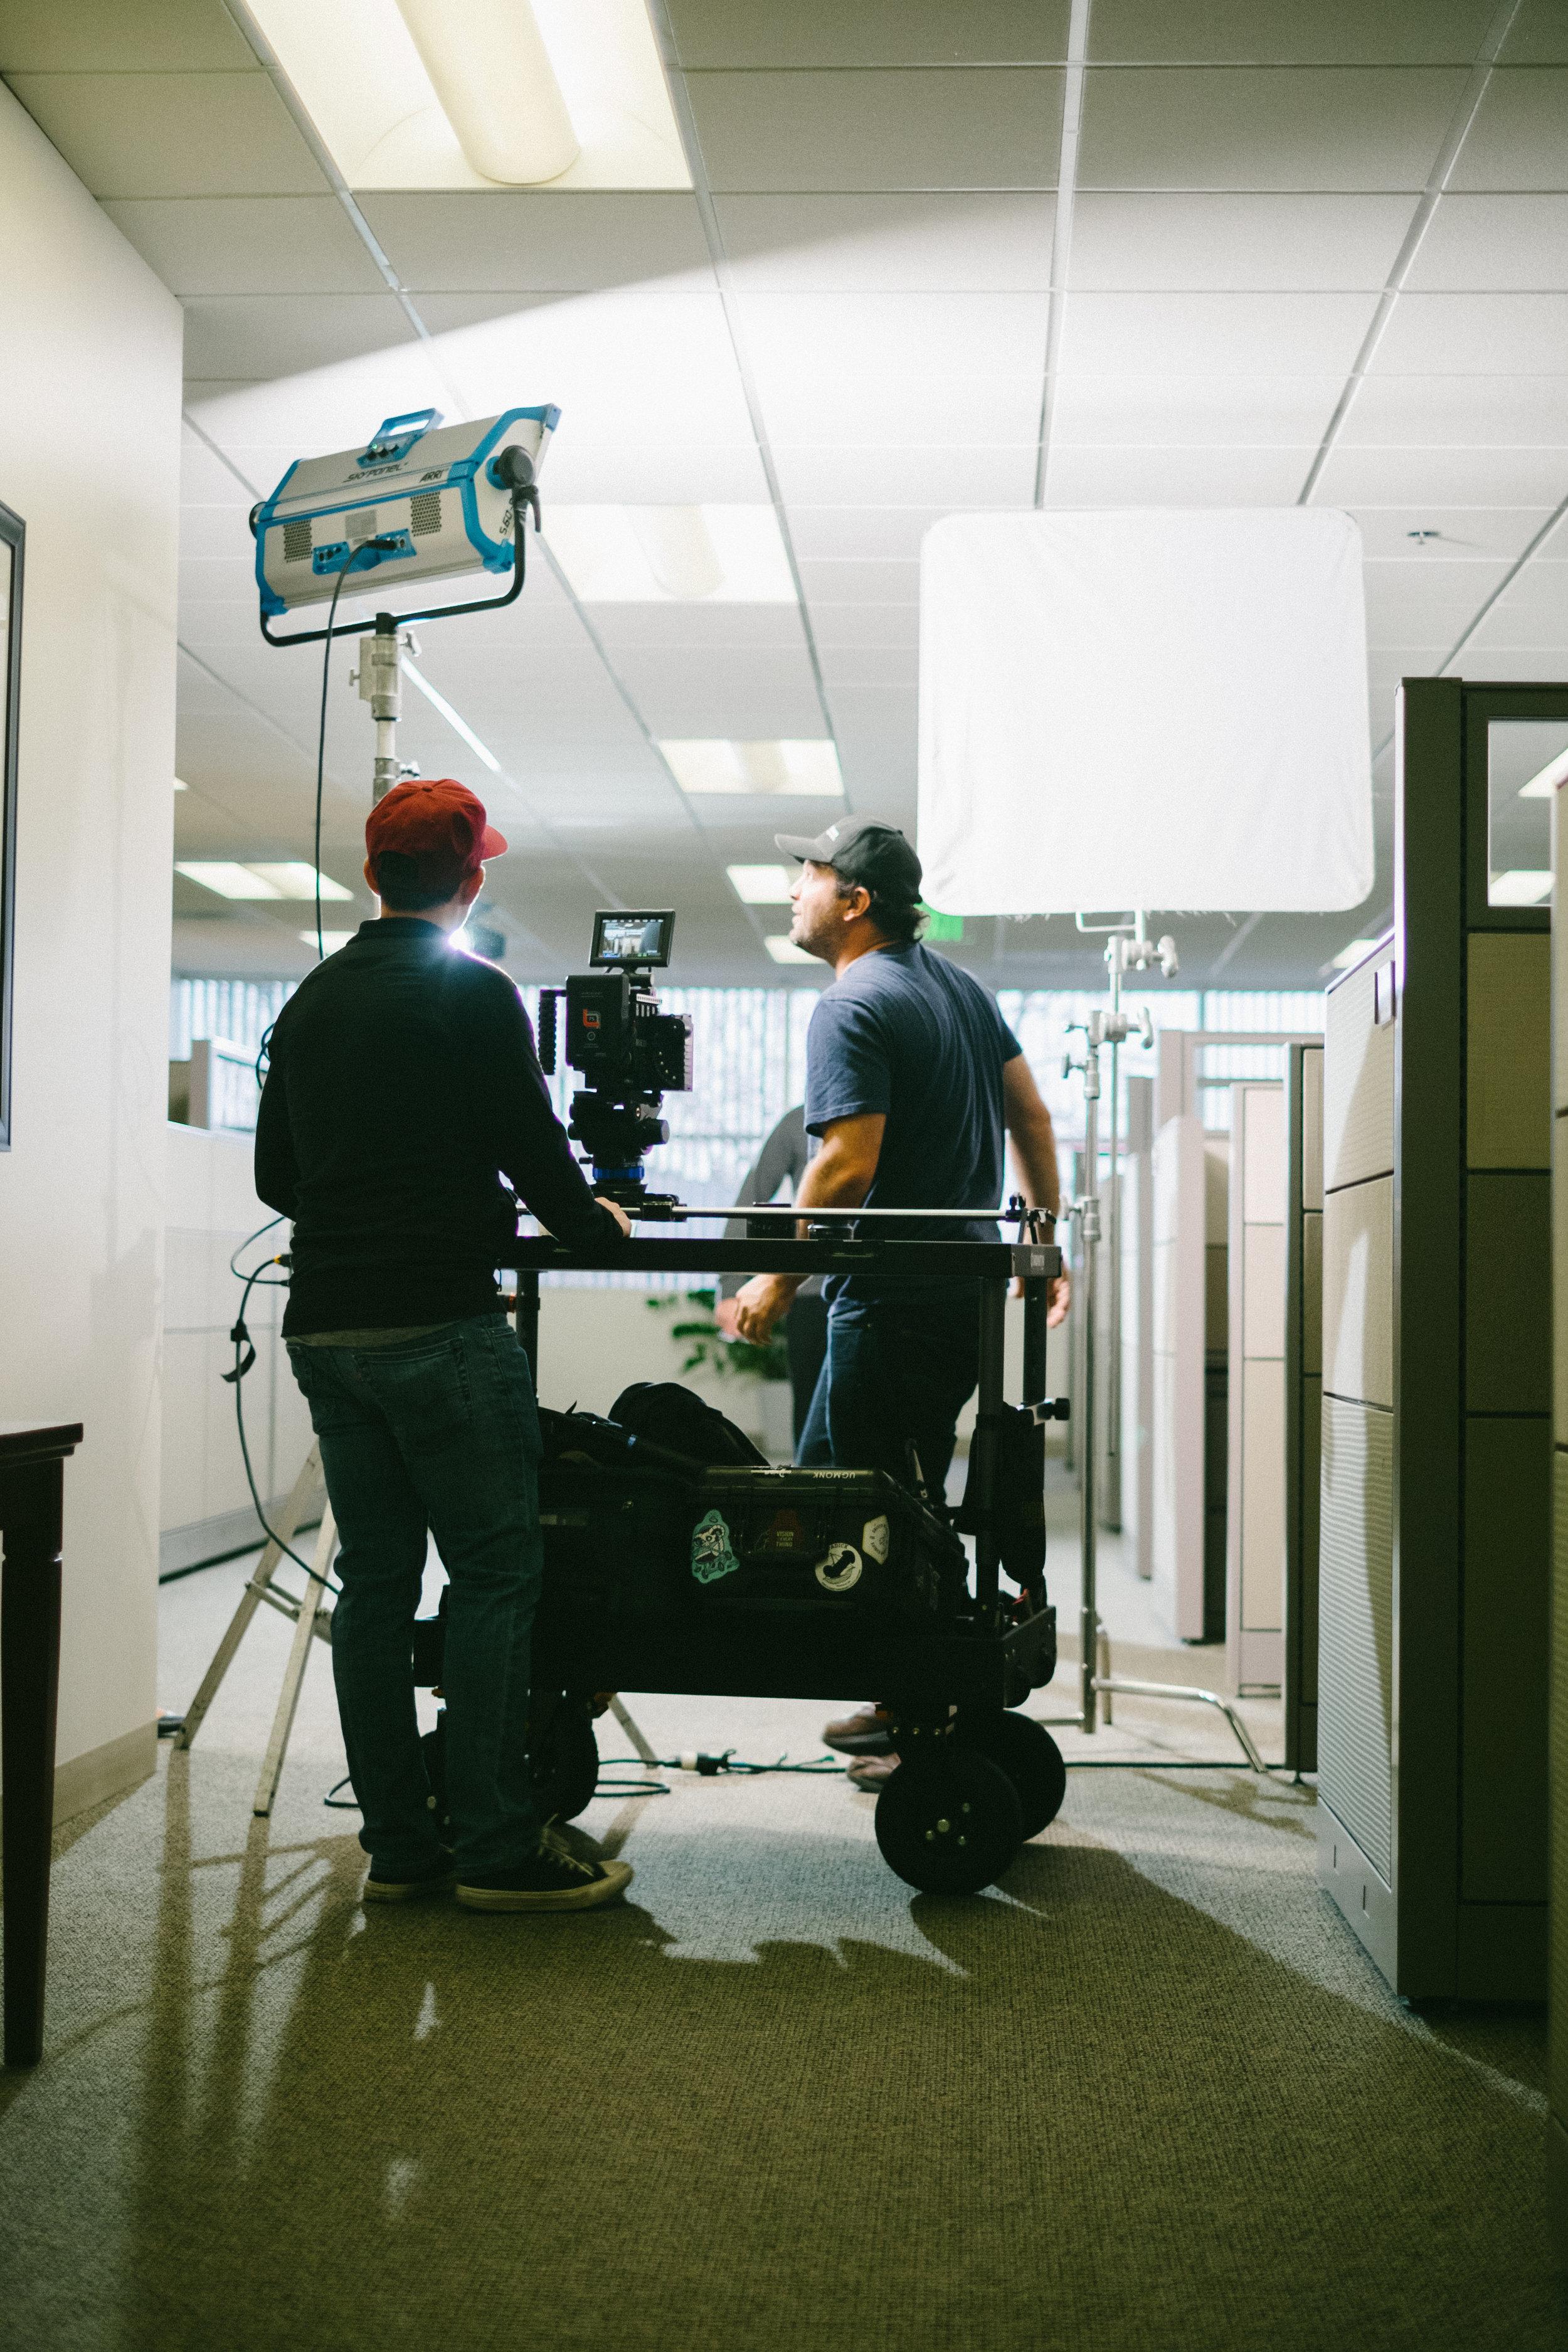 Motv Films shoot for IFG.